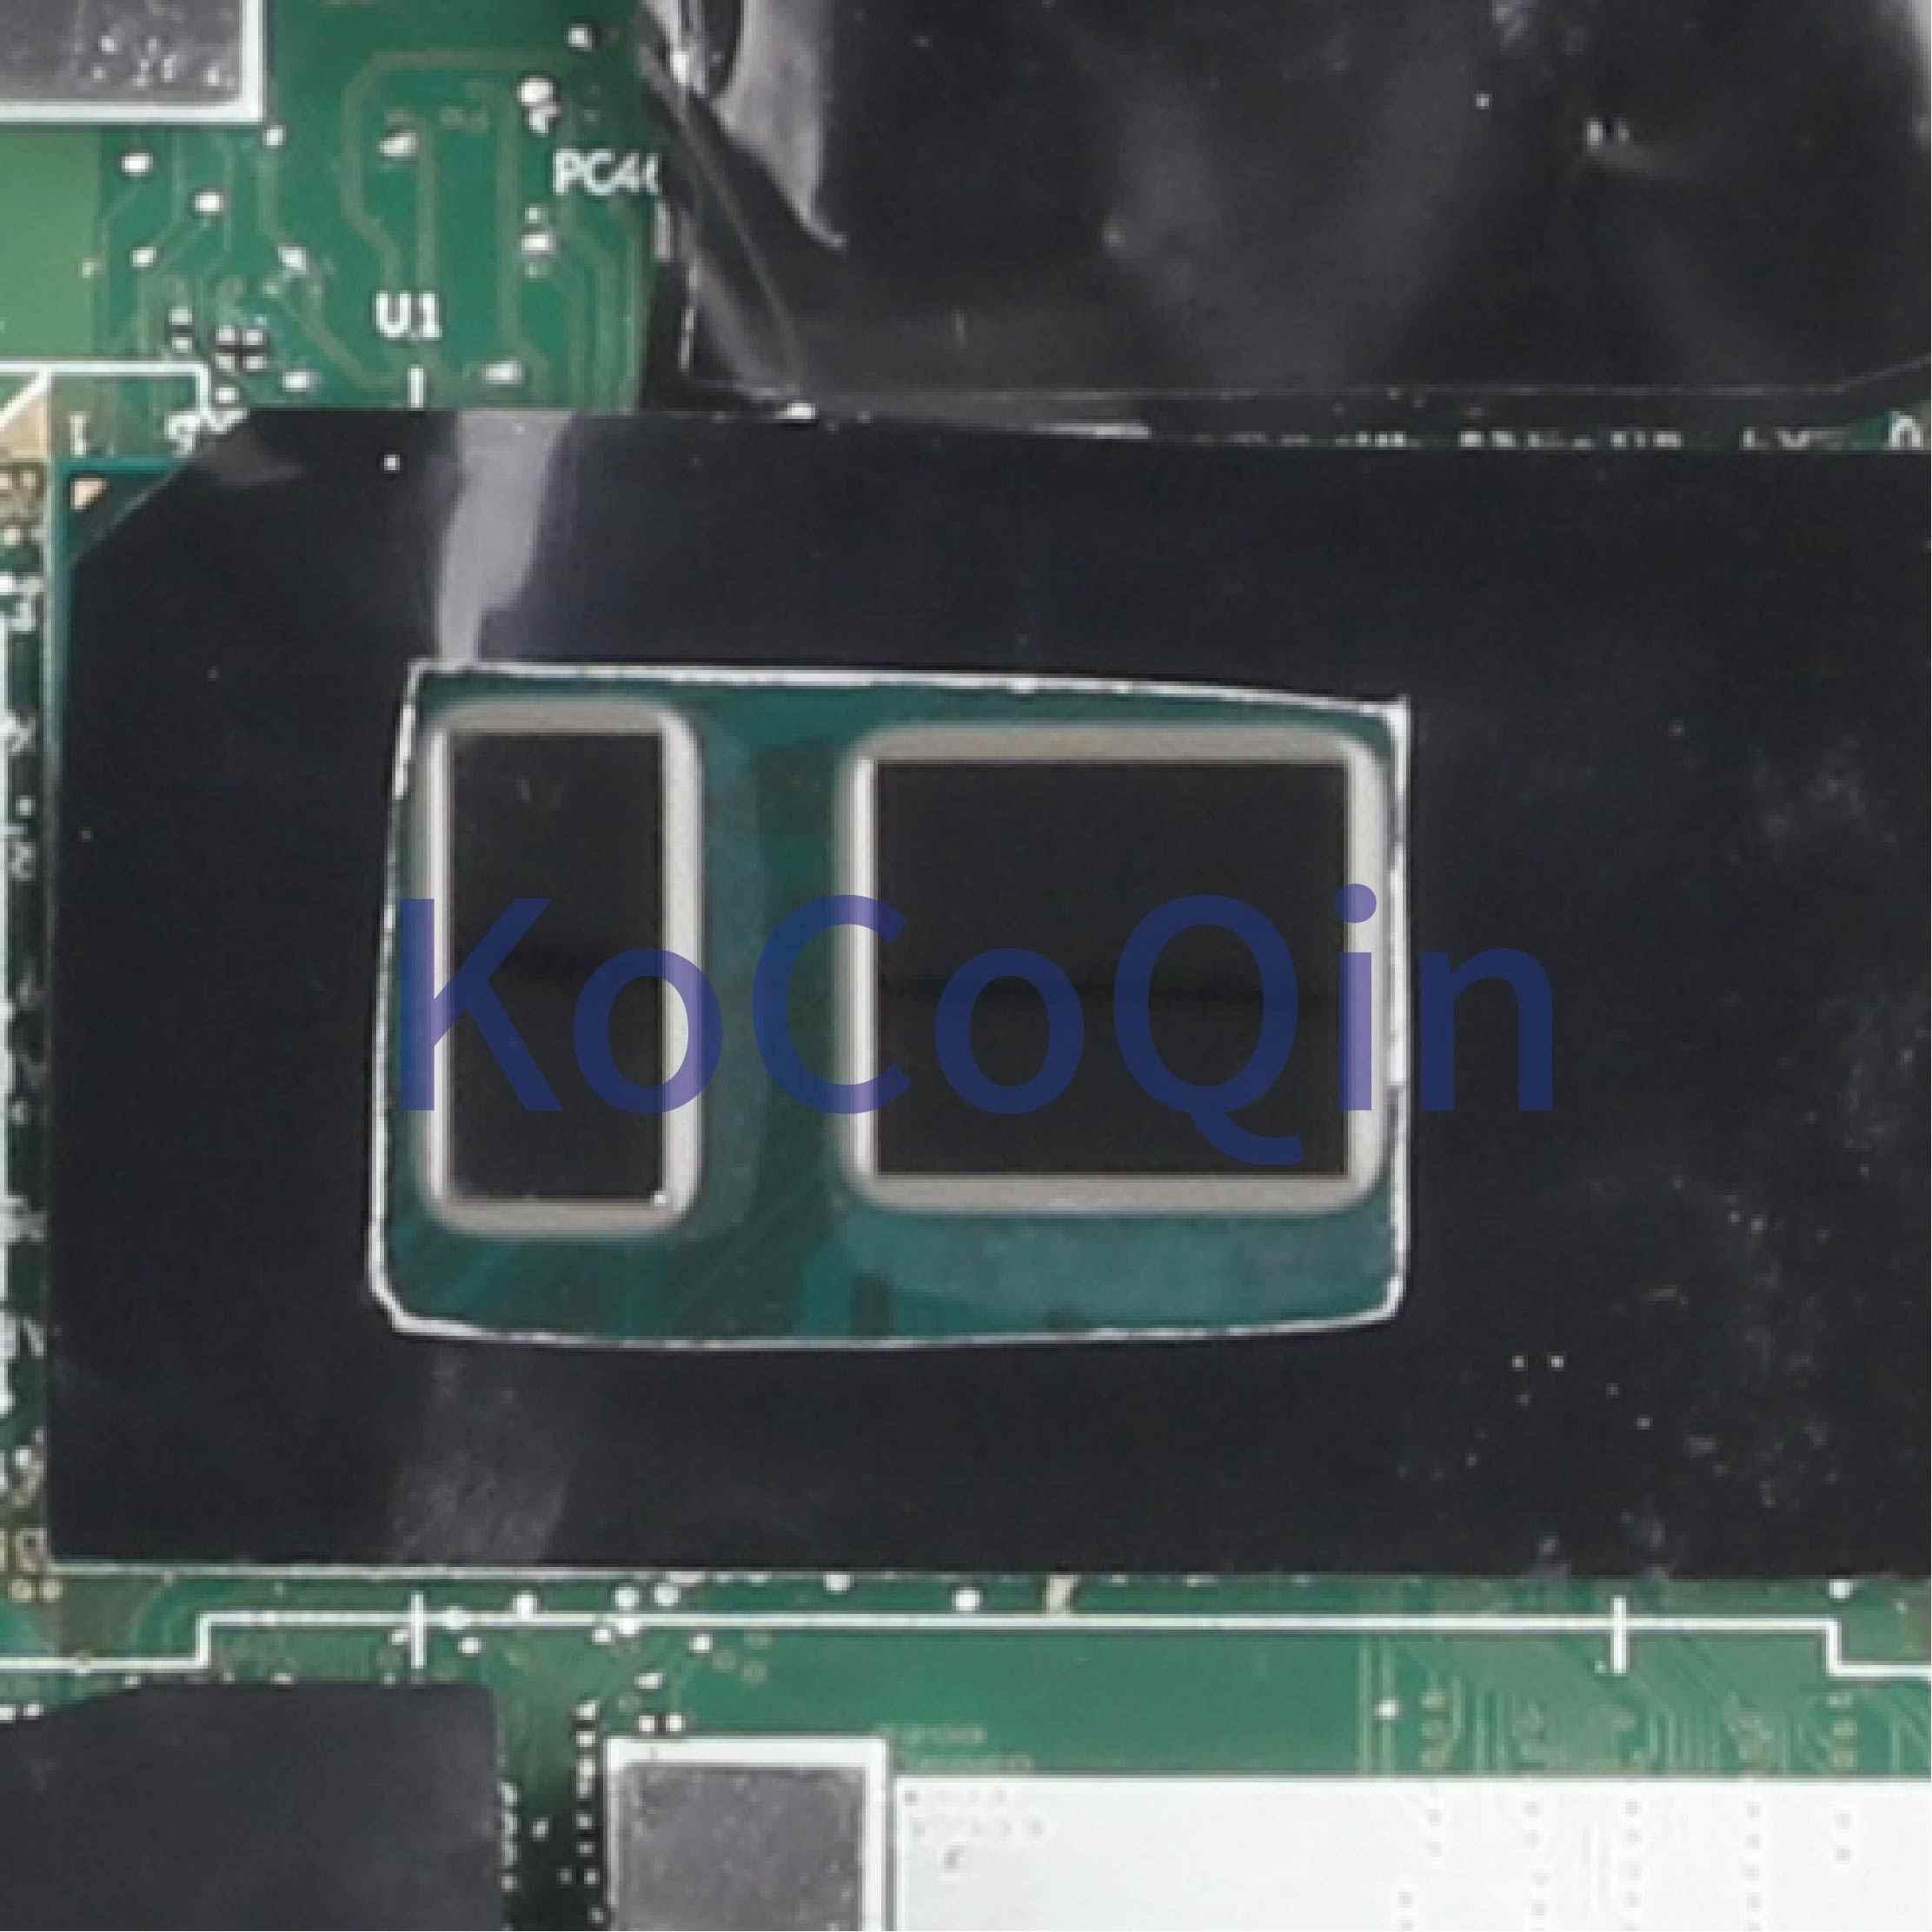 KoCoQin اللوحة الأم لأجهزة الكمبيوتر المحمول لينوفو ثينك باد X270 كور SR2F1 I7-6600U اللوحة الرئيسية DX270 NM-B061 01LW730 01HY522 100% اختبارها